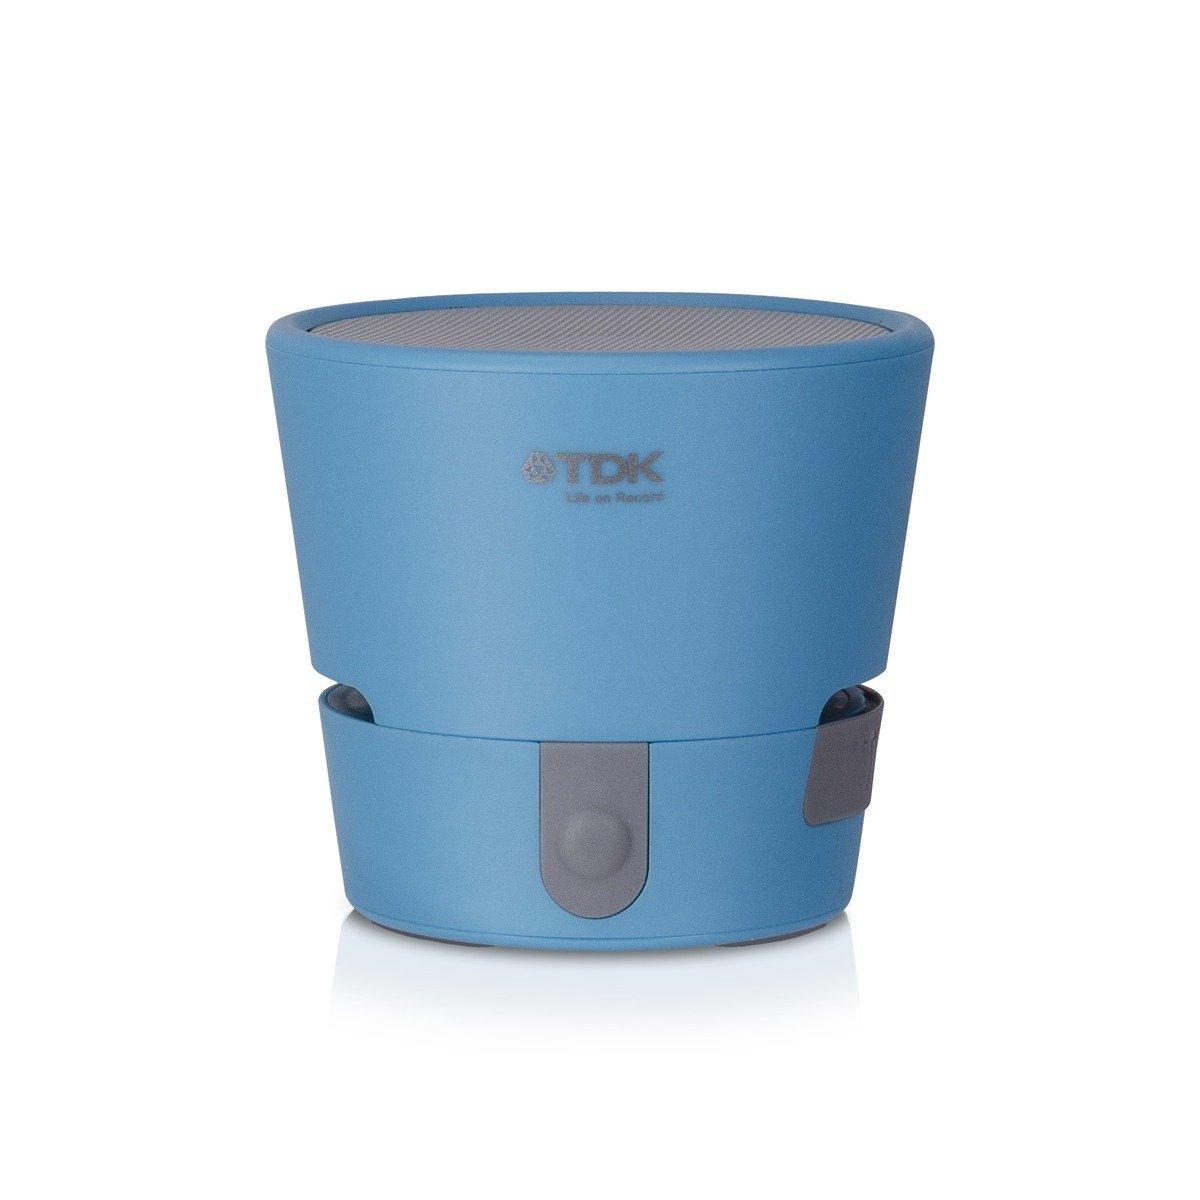 A08 TREK MINI 便攜式全天候藍牙無線喇叭,藍色